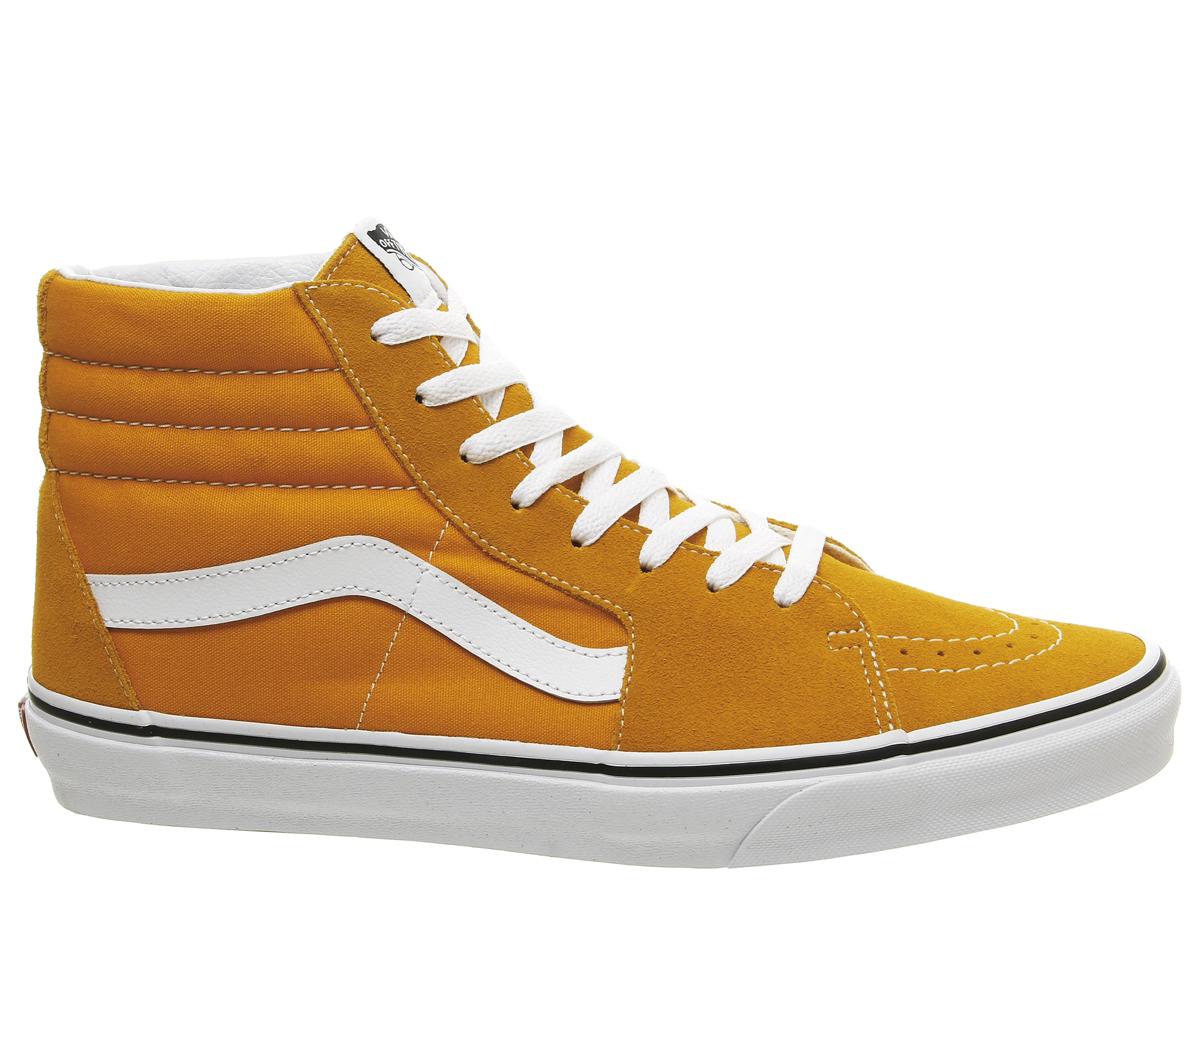 b6dadc05c5c SENTINELLE Vans Sk8 Hi formateurs Cheddar foncé véritable formateurs blanc  chaussures